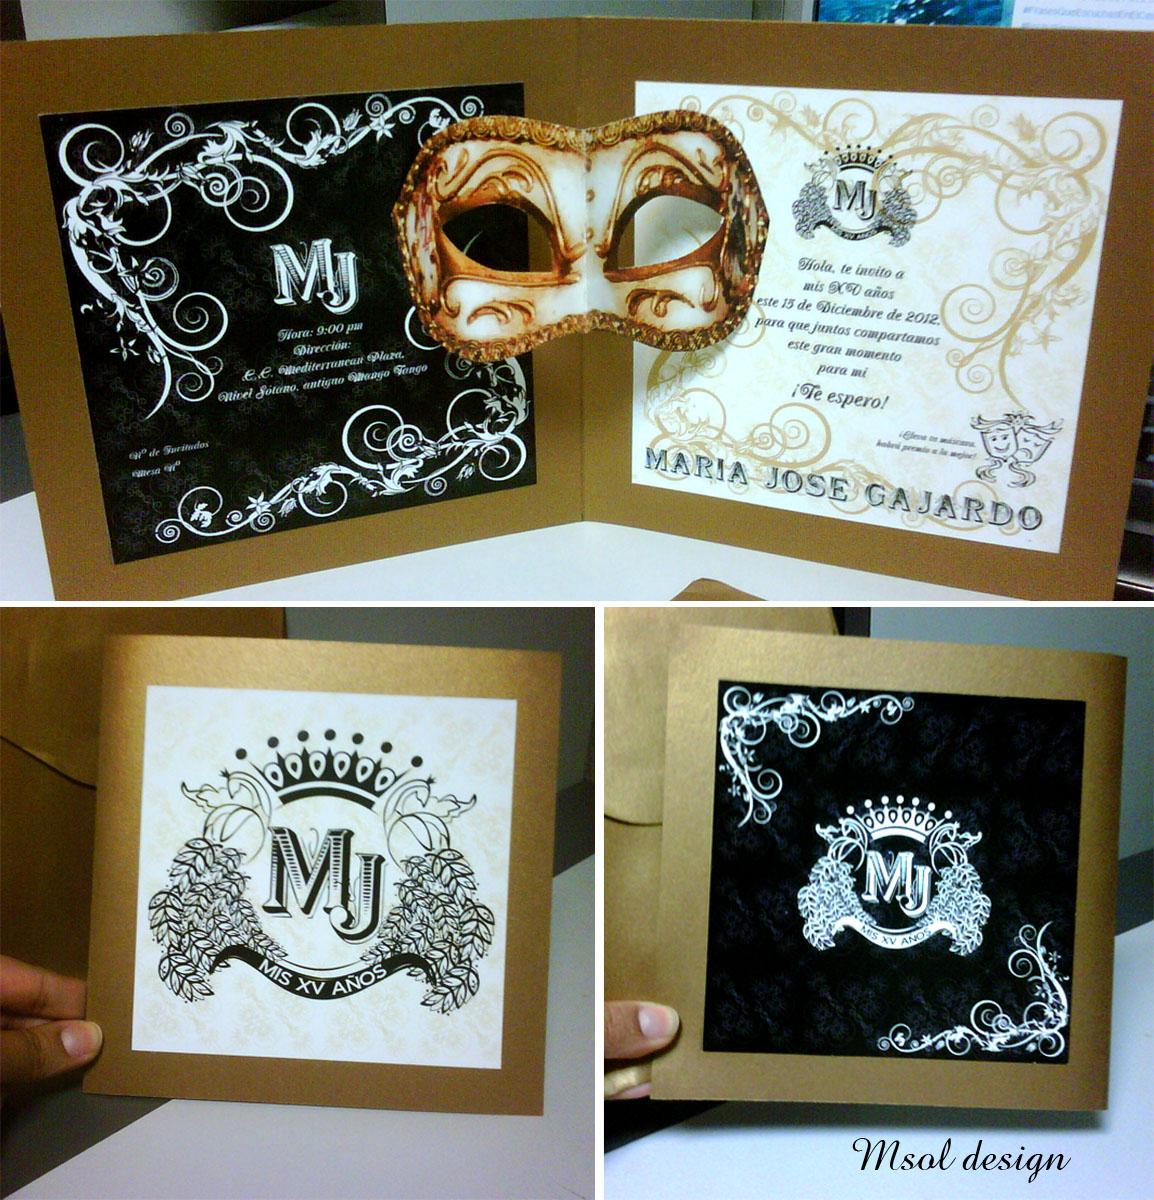 Msol design invitaciones para 15 a os - Mascaras venecianas decoracion ...